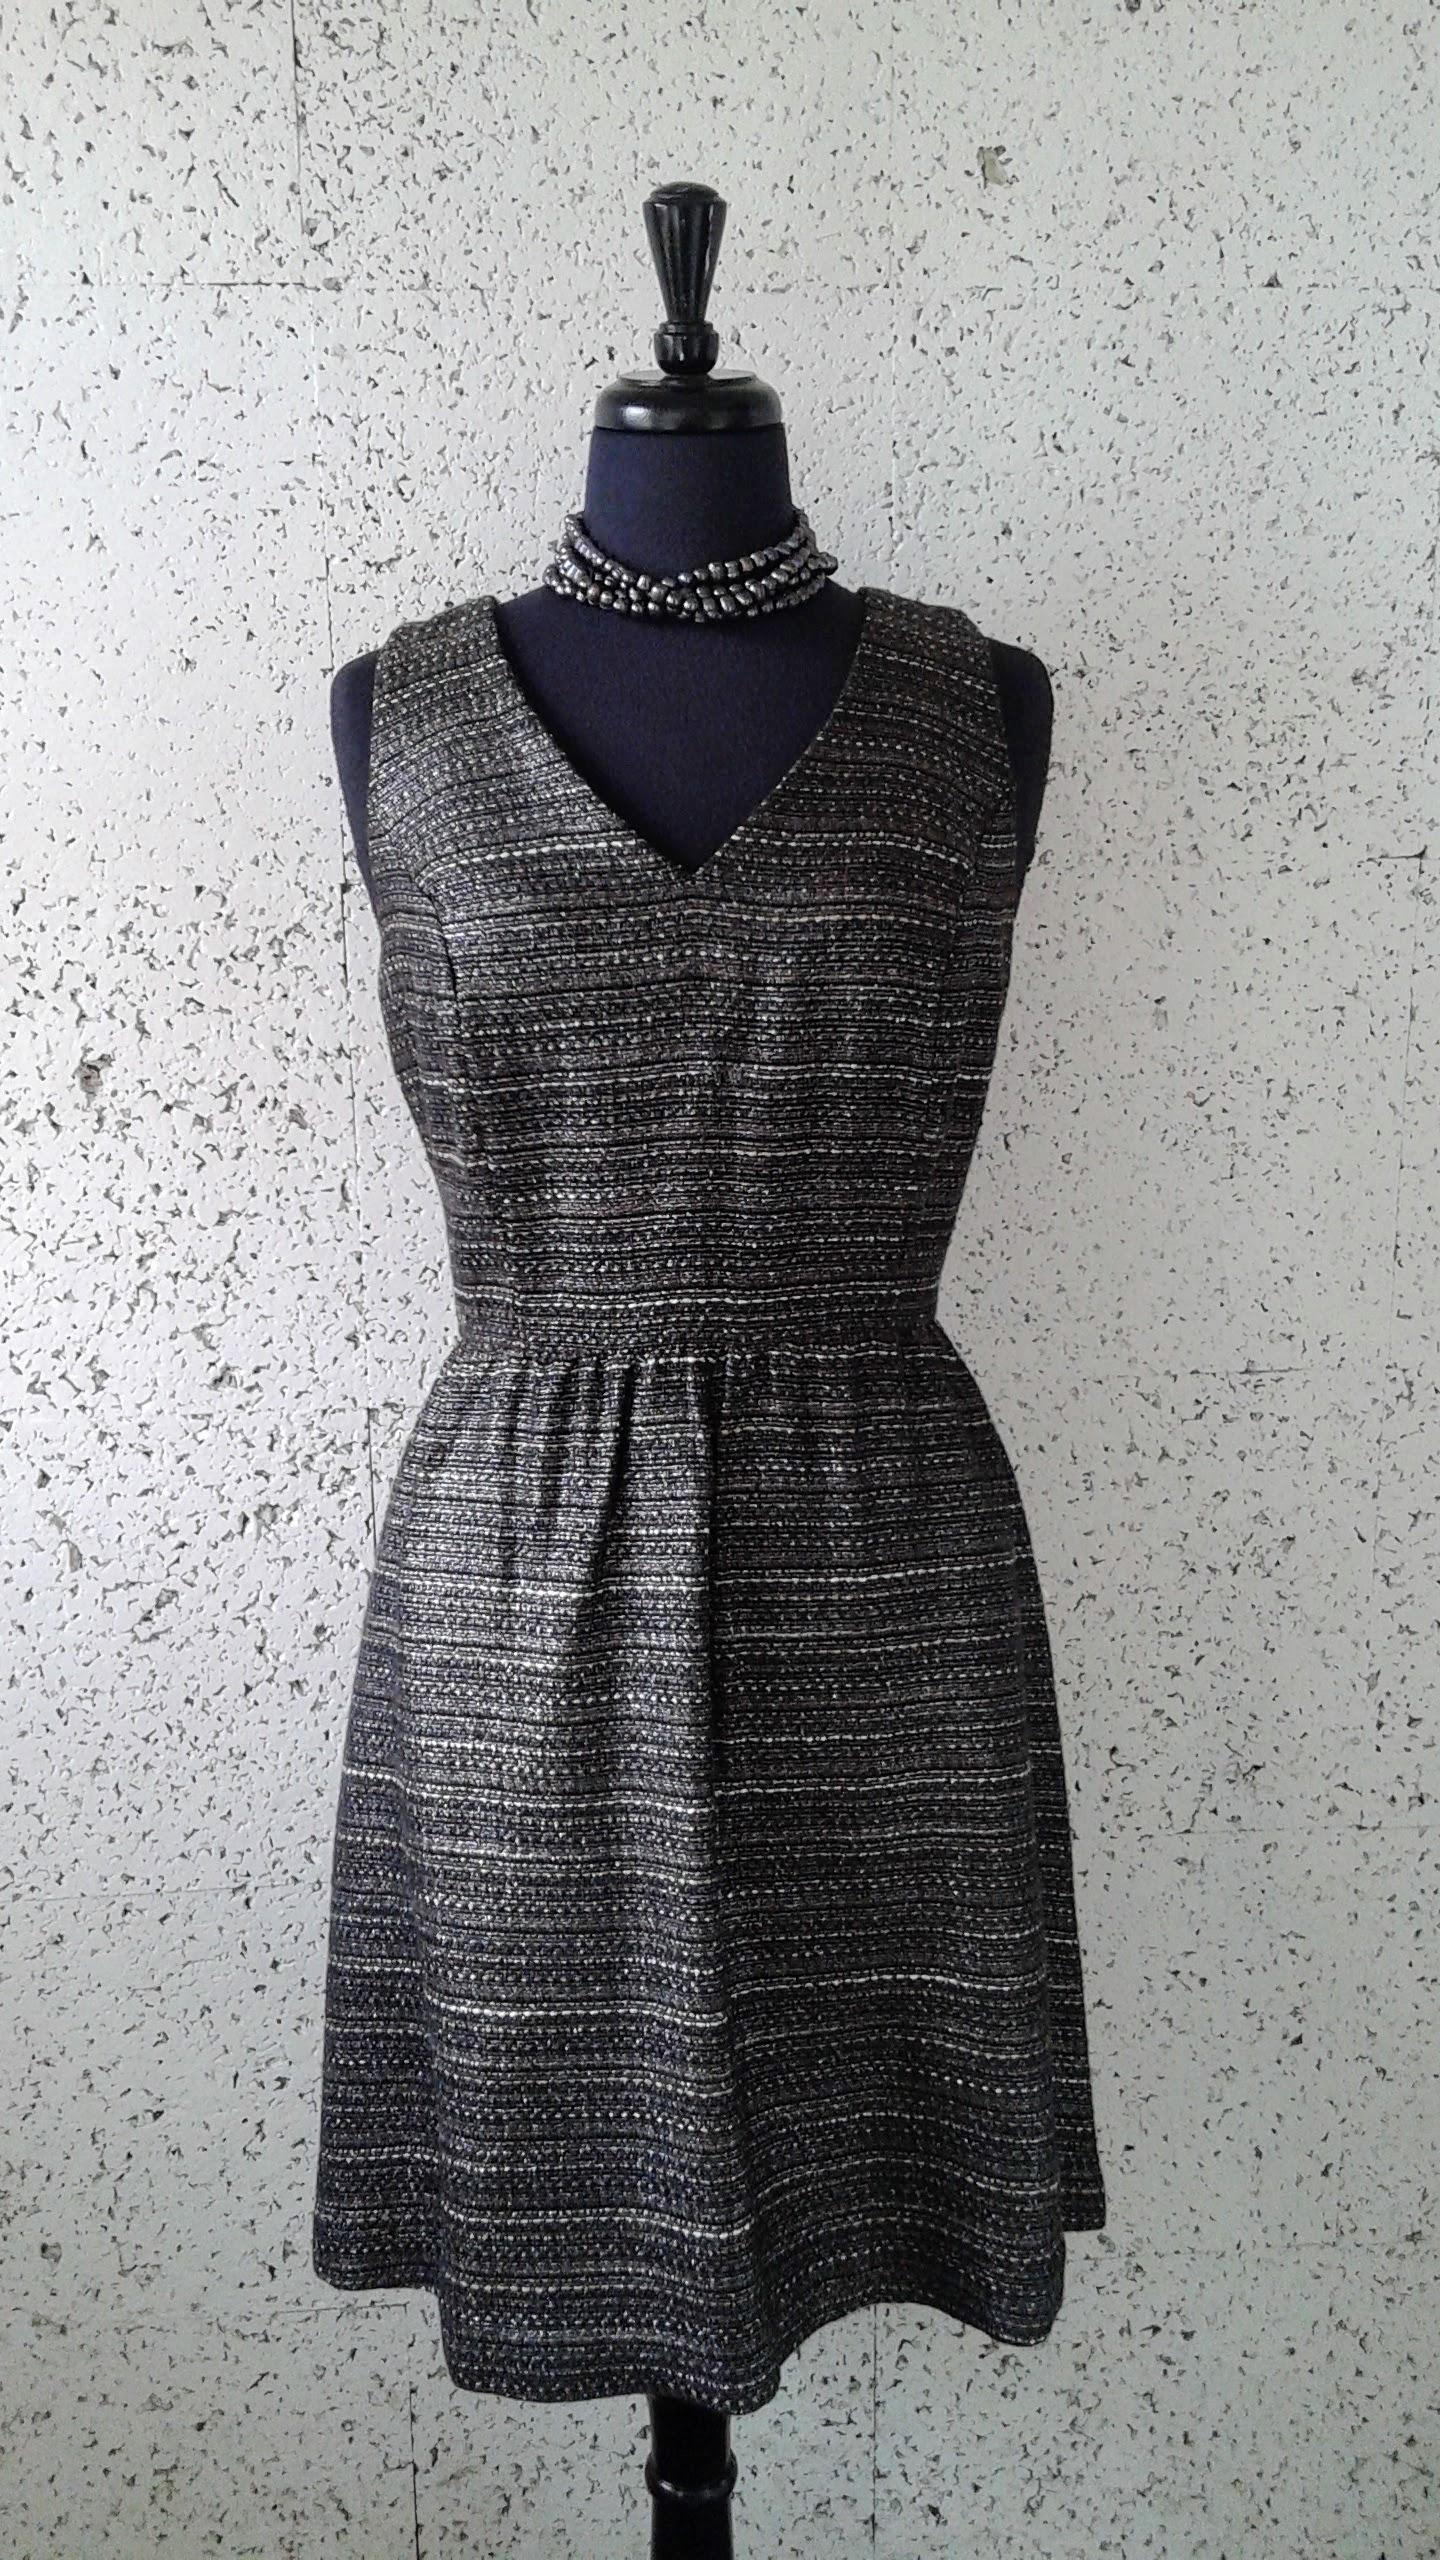 Moulinette Soeurs dress; Size 10, $40